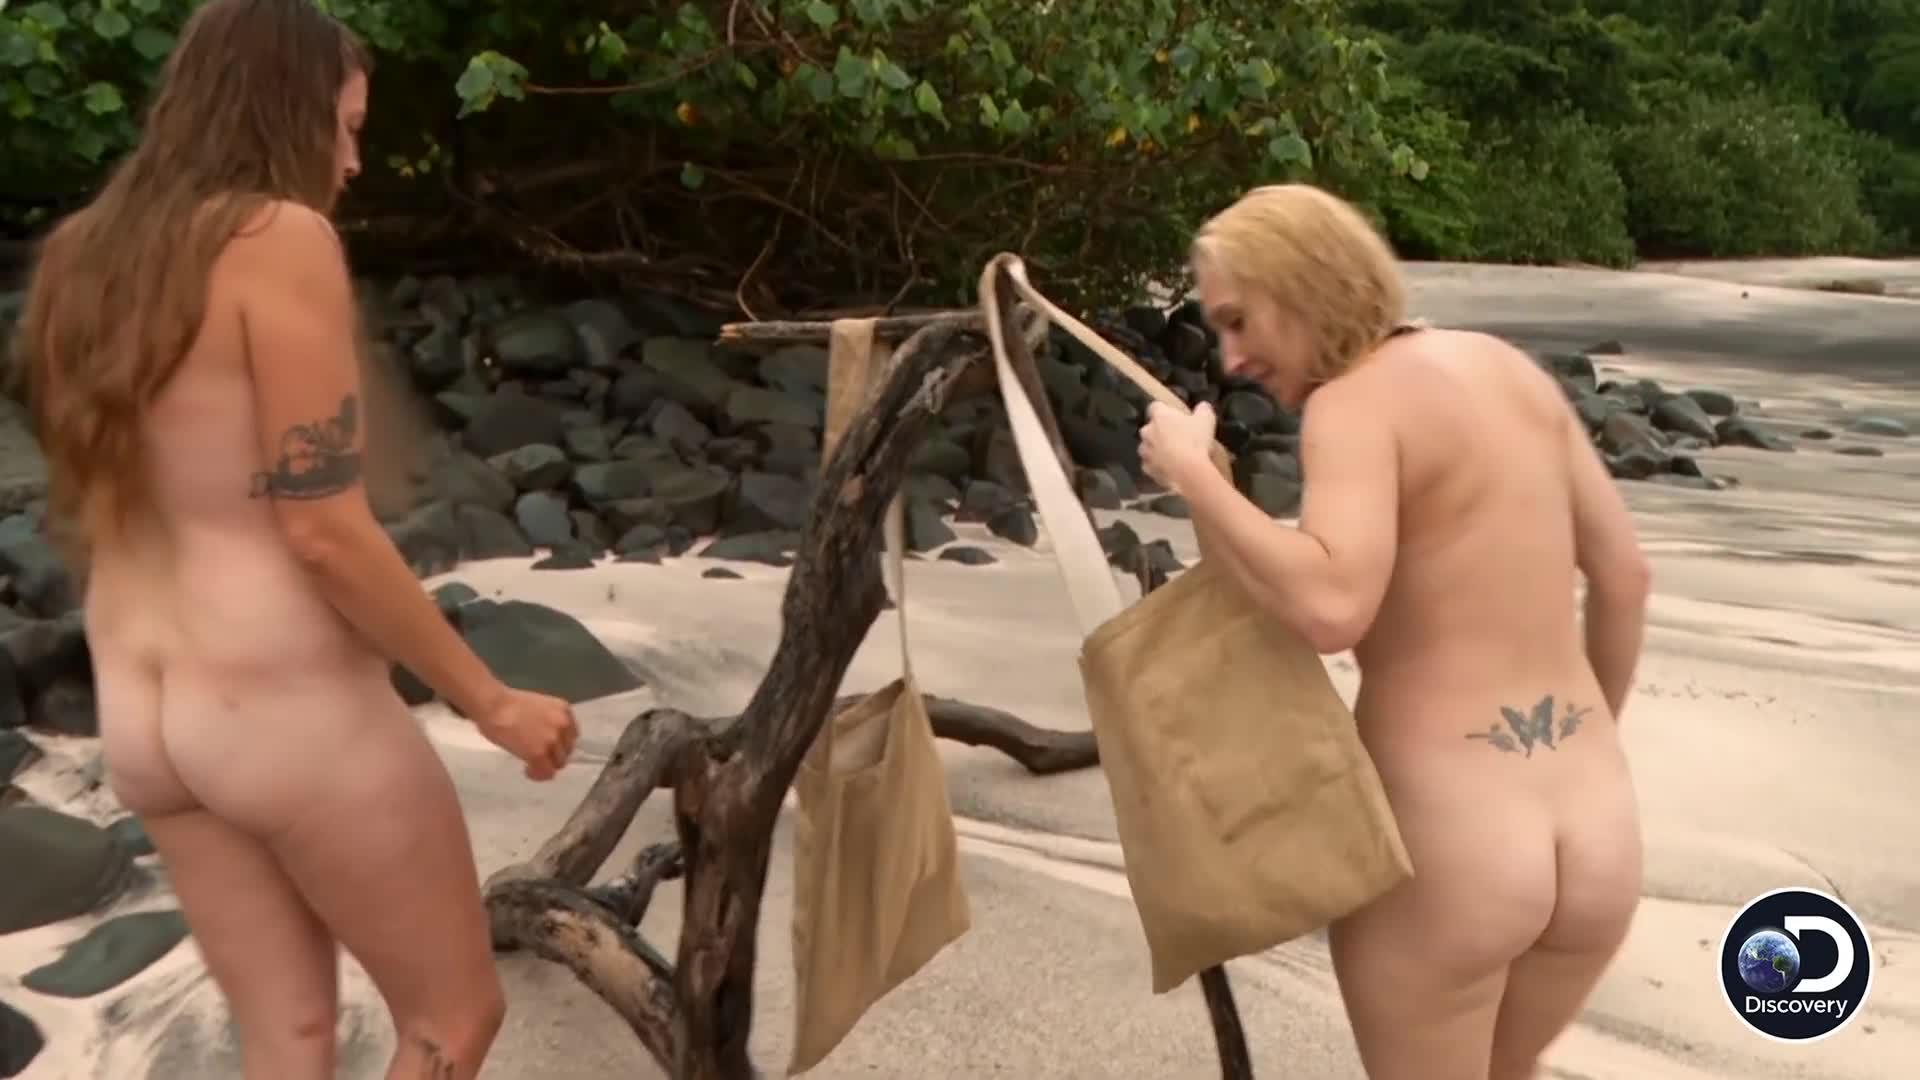 Свою жену смотреть дискавери голые и напуганные без цензуры ххх приколы